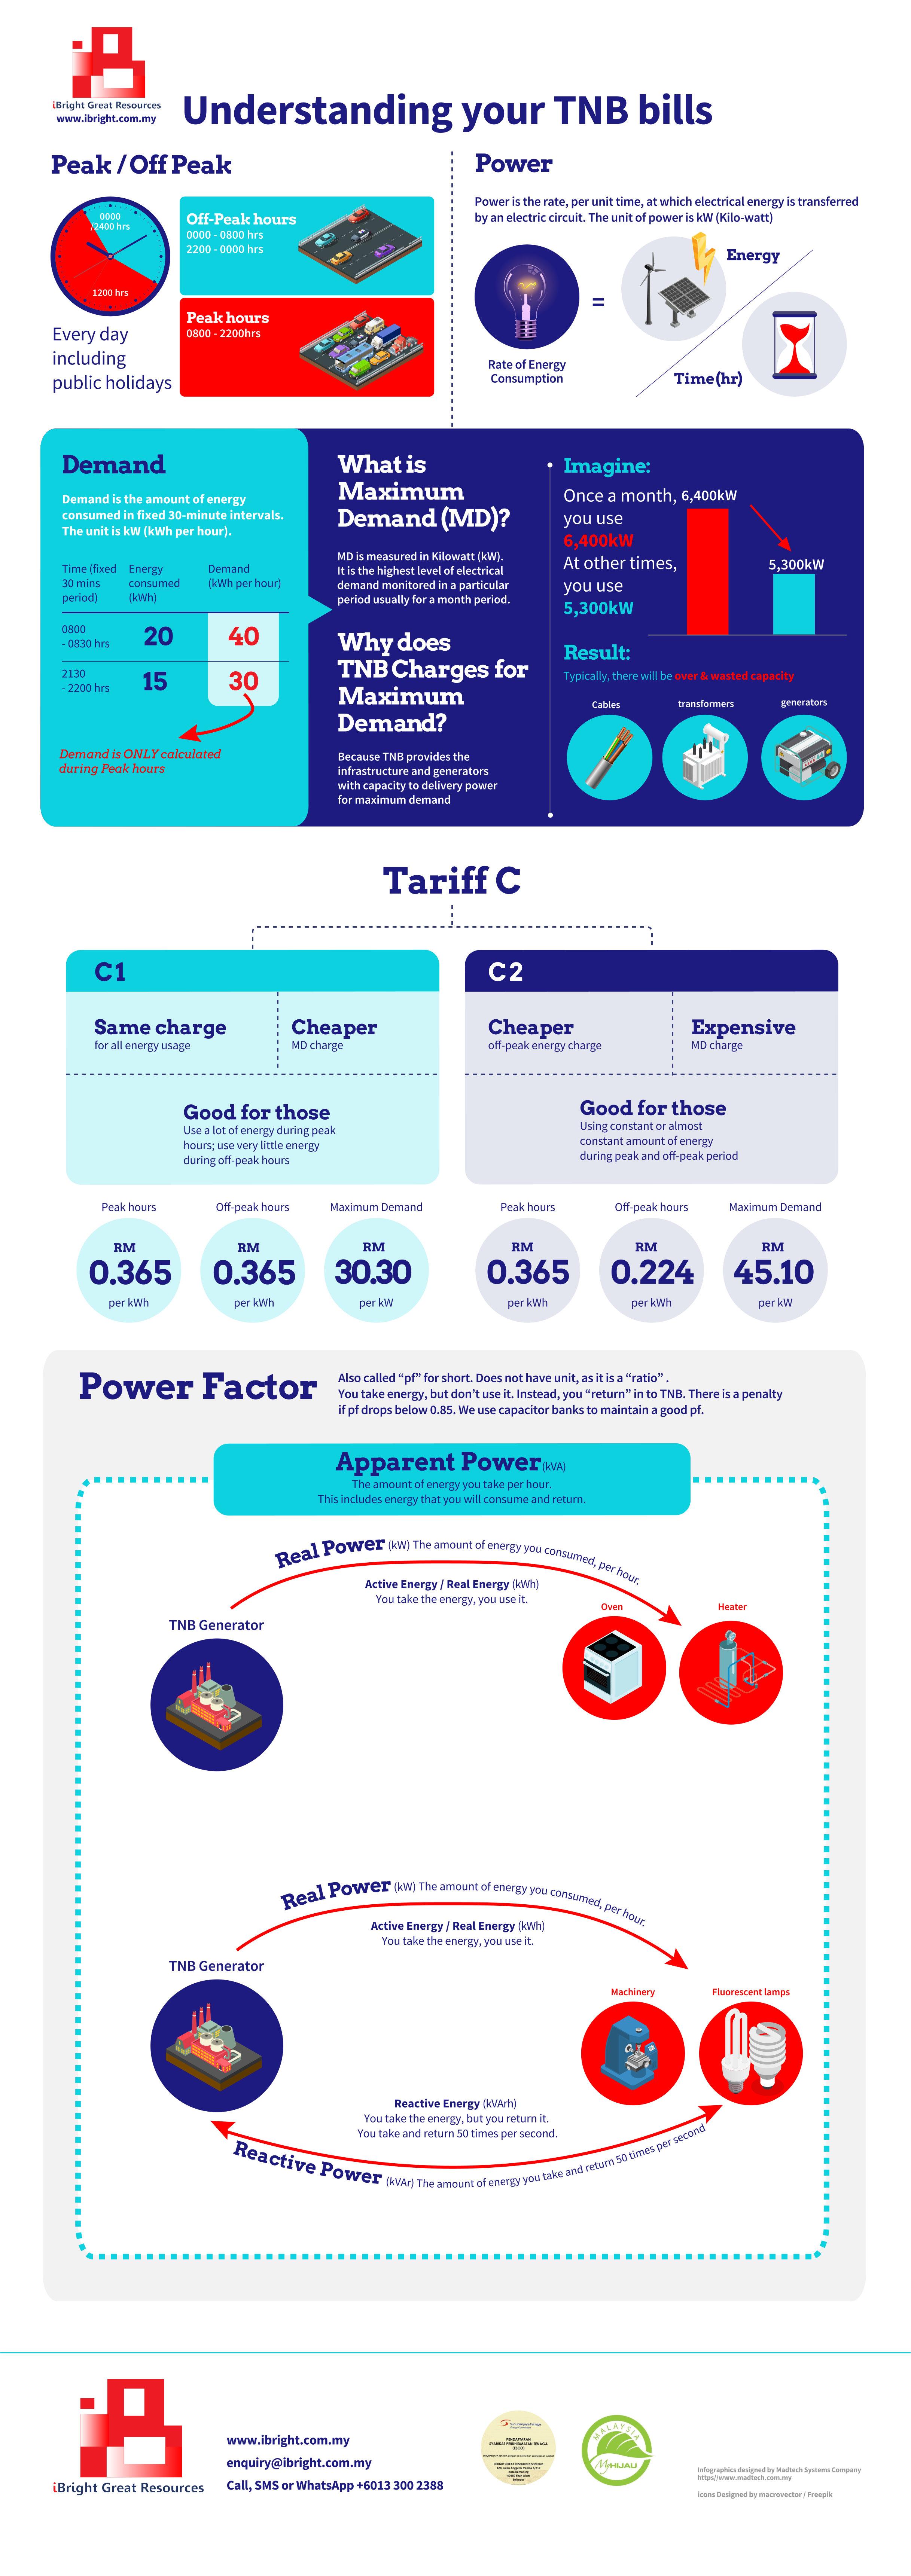 Understanding your TNB electricity bills infographic